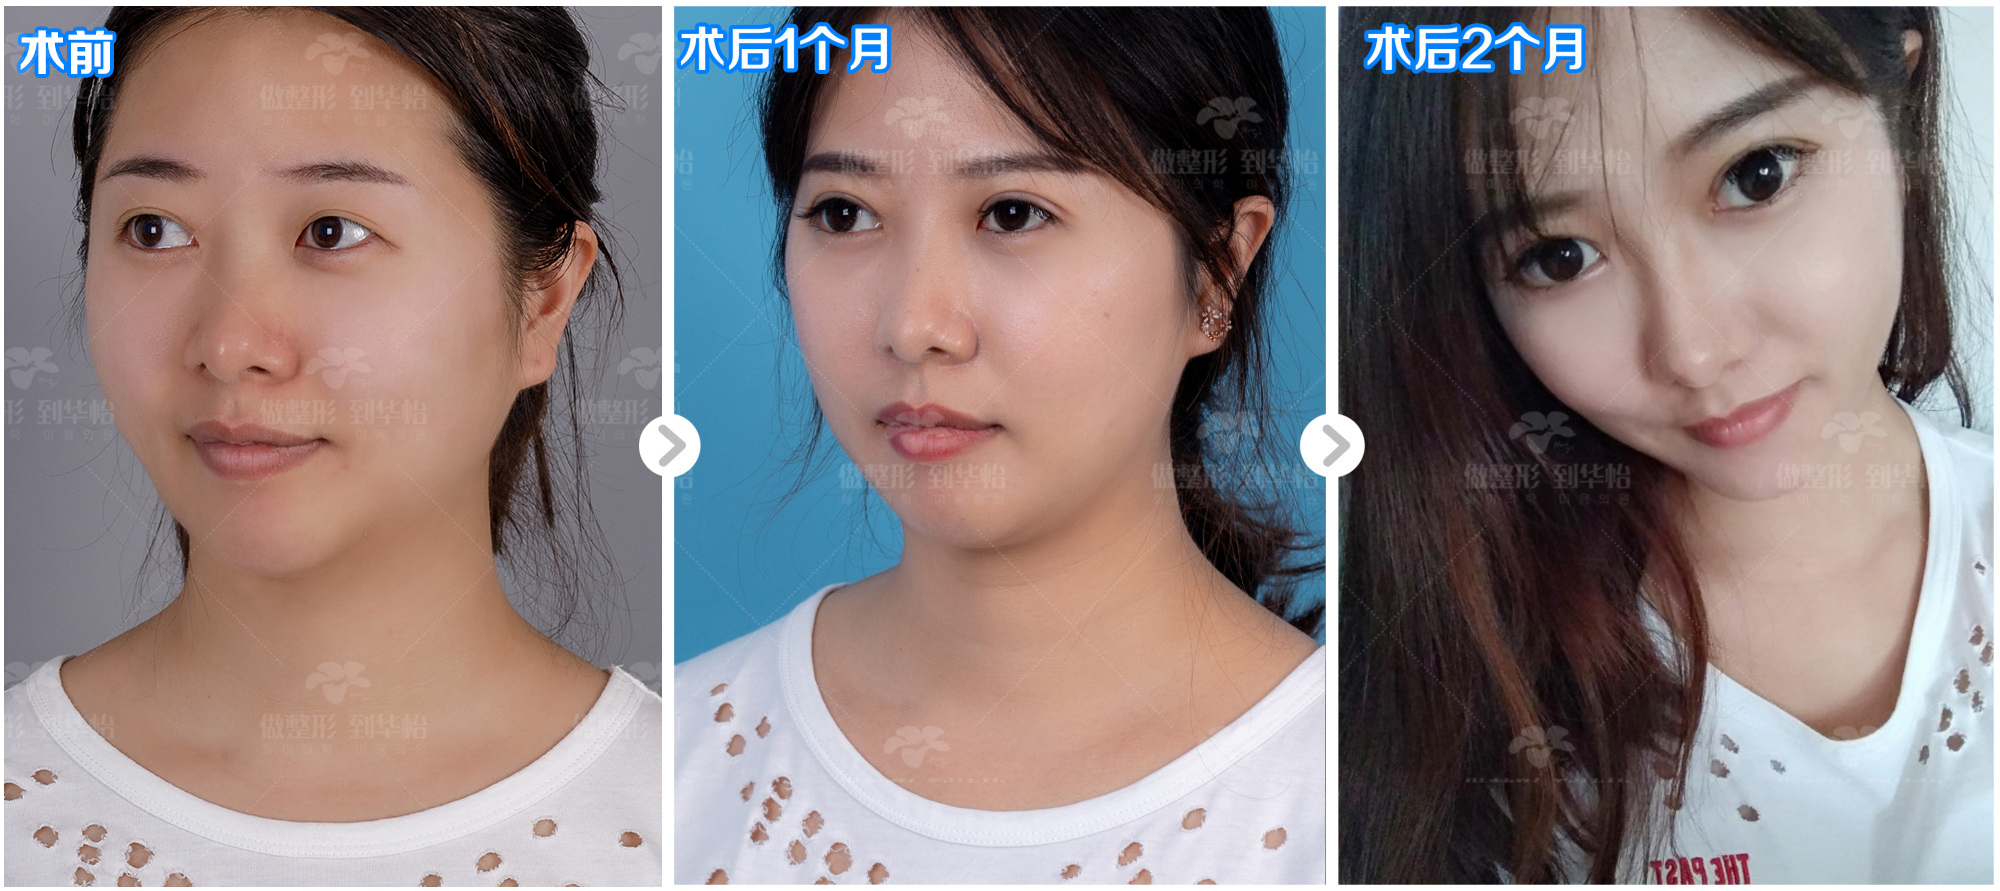 威海华怡医院 双眼皮技术以专业赢得好口碑